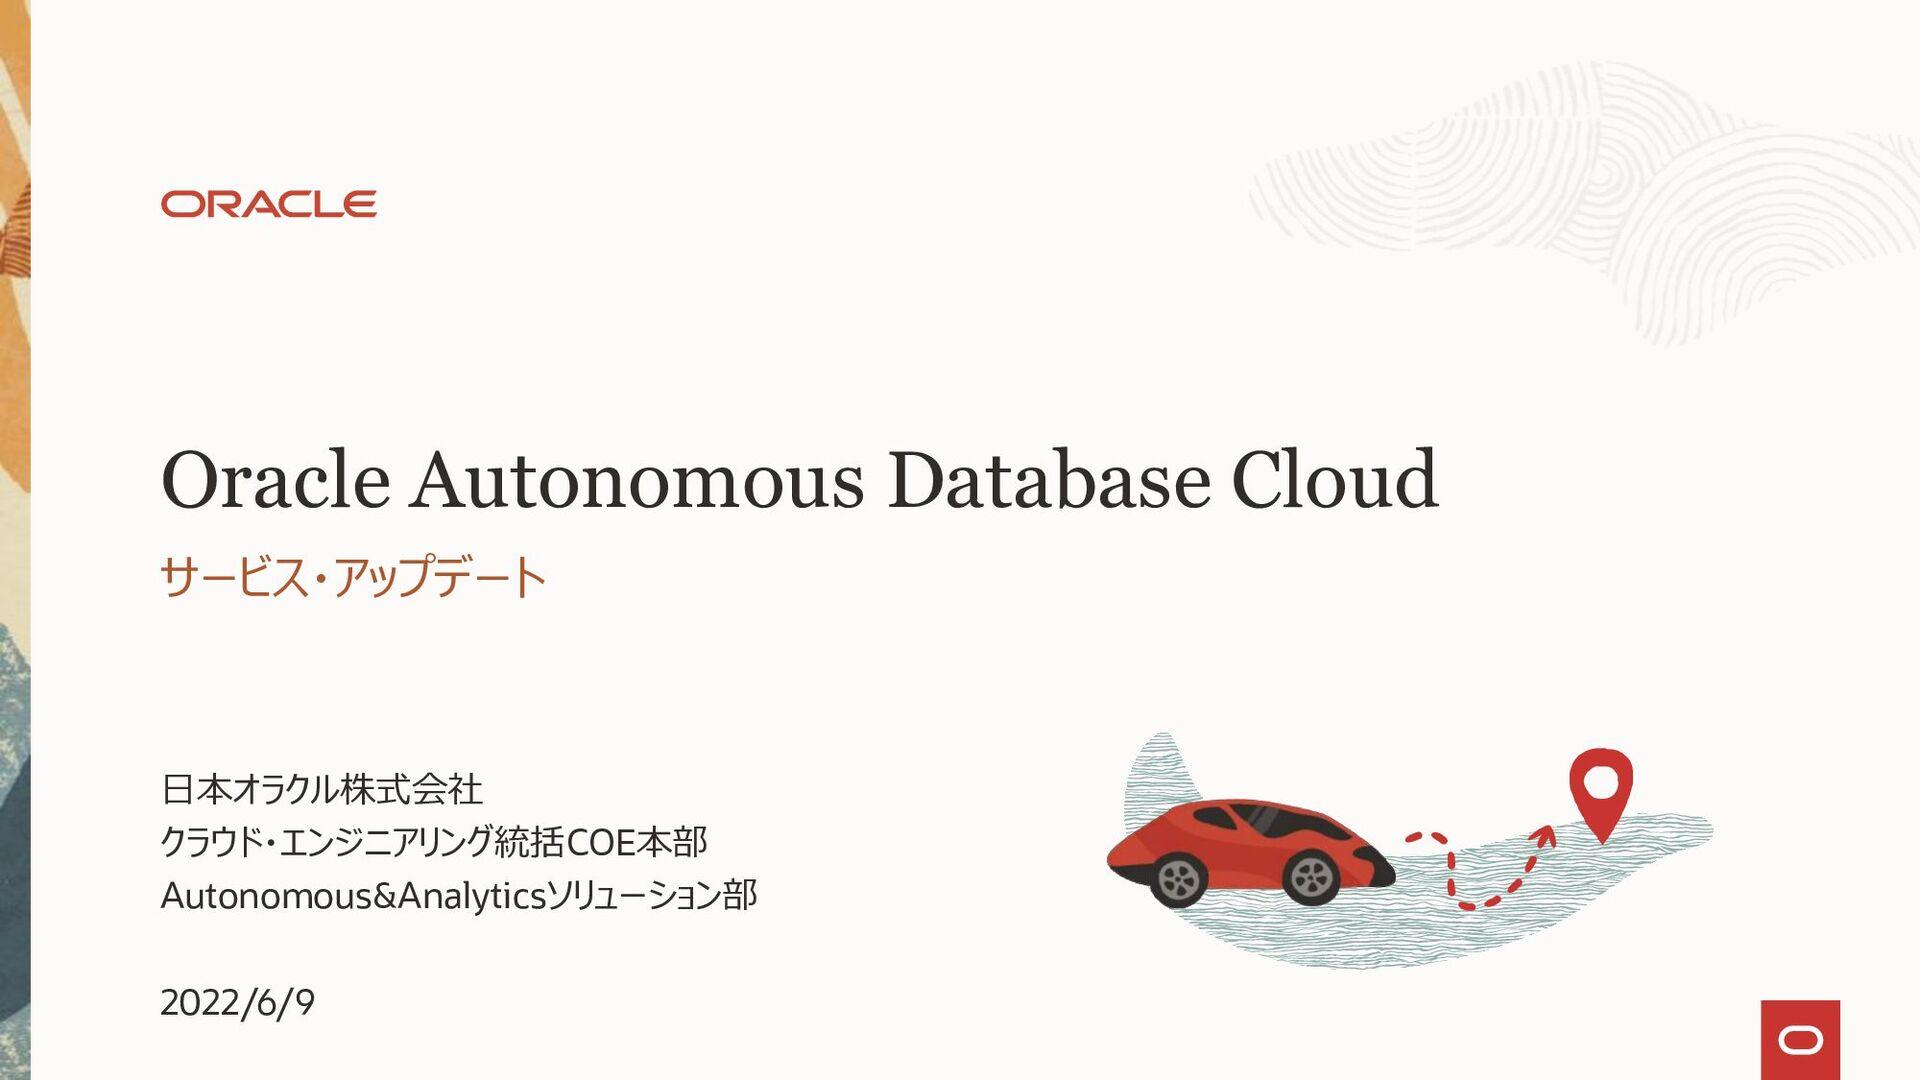 日本オラクル株式会社 クラウド事業戦略統括 データベースソリューション部 2021/3/31 ...